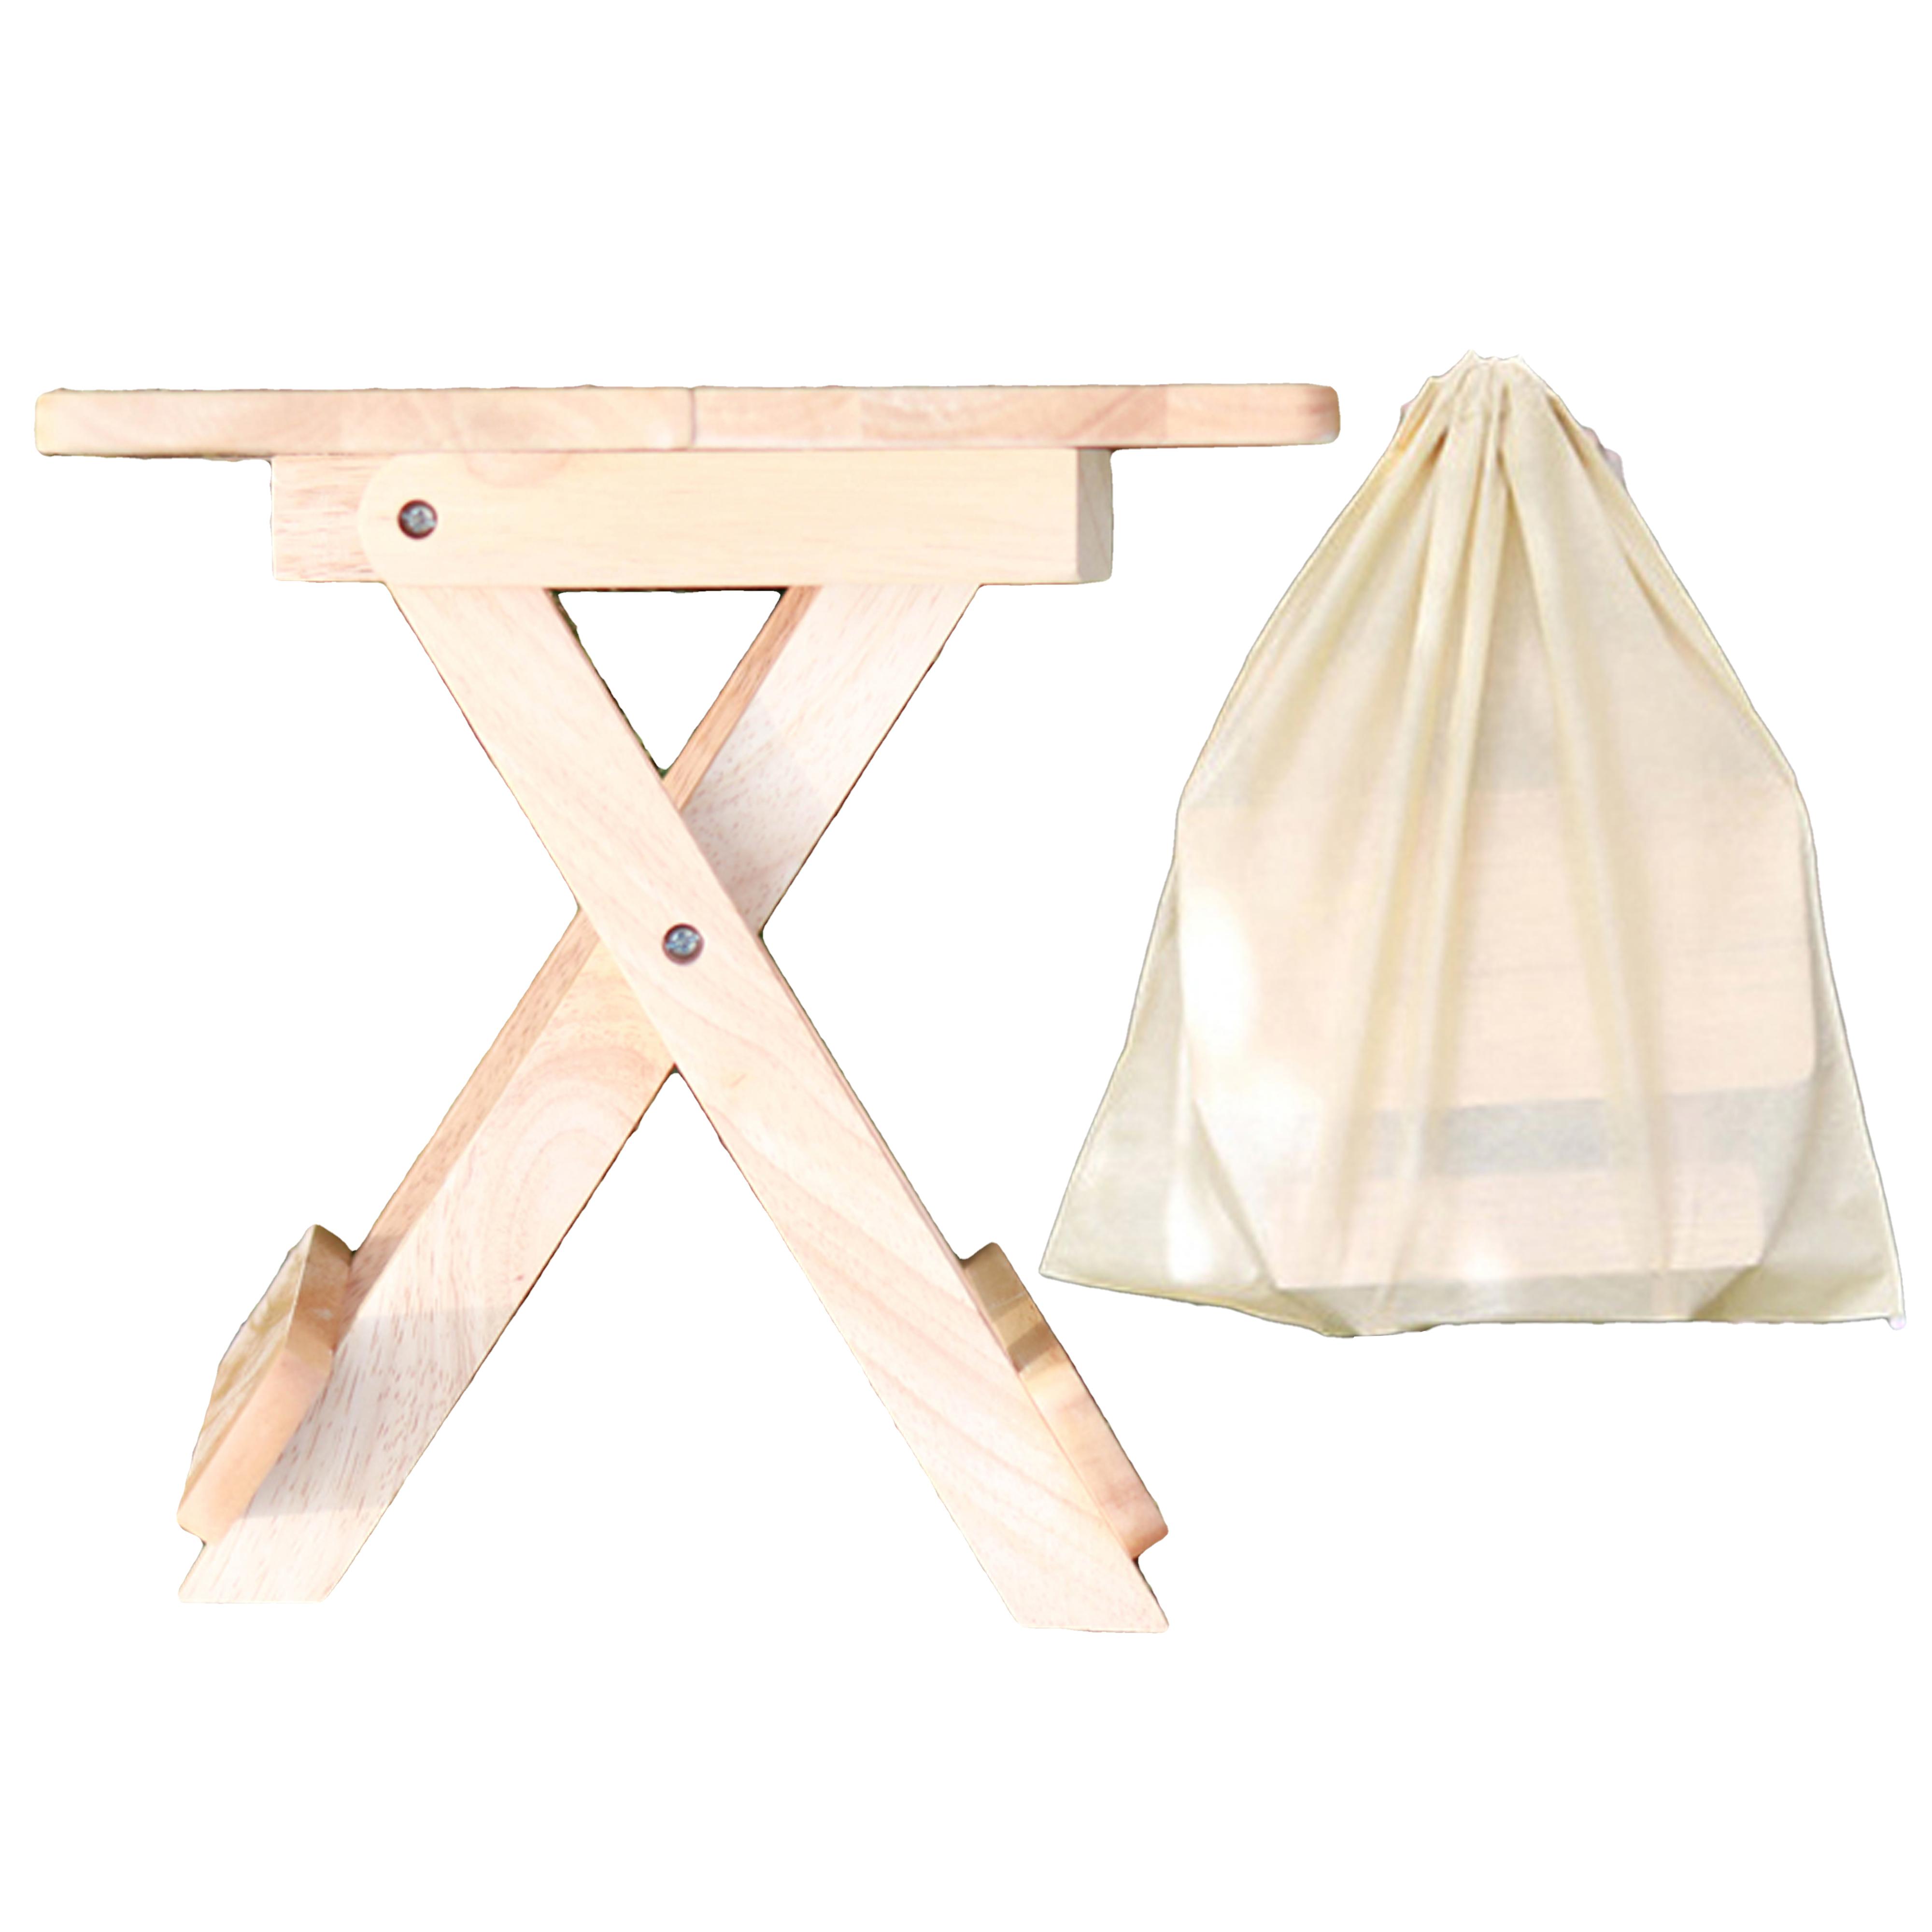 [캠핑] 캐시프릿 접이식 원목 워터저그 받침대 원형 + 파우치, 연한 색상(받침대) - 랭킹50위 (12150원)